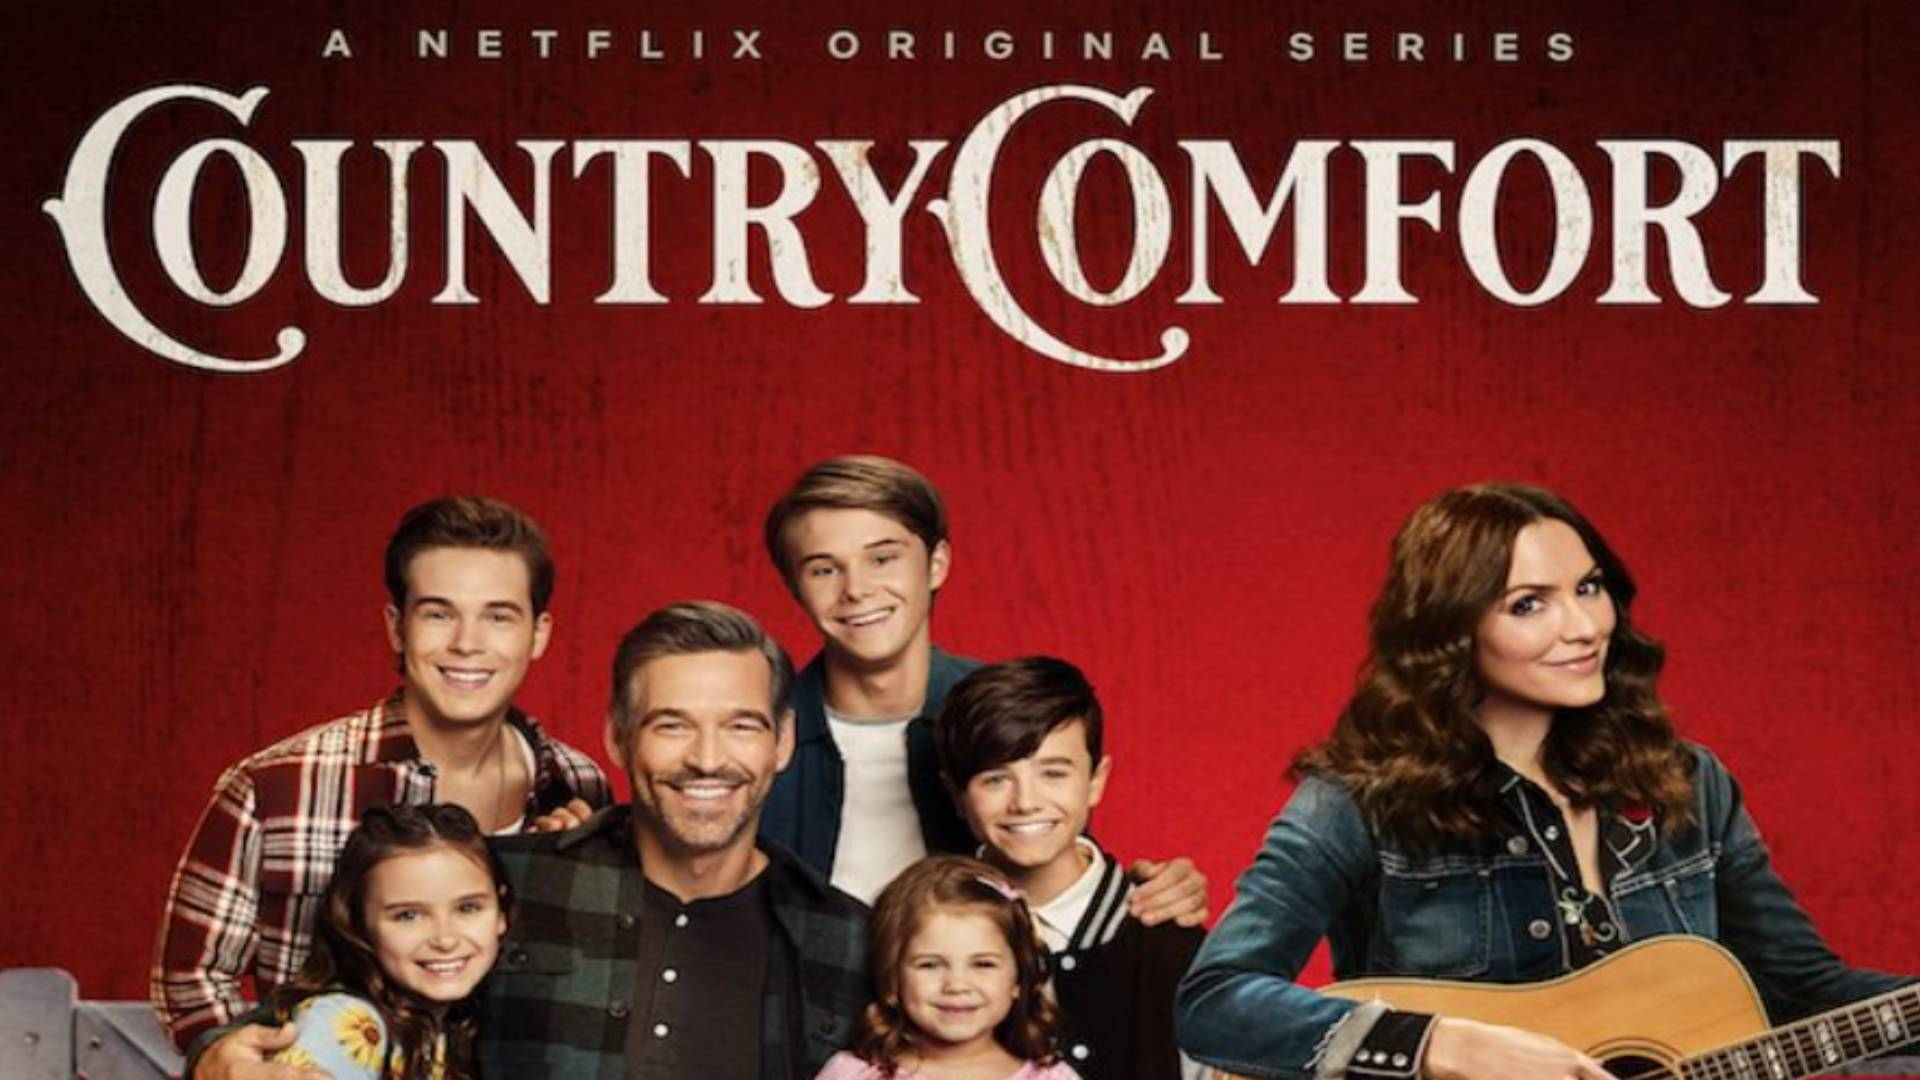 ACTORES, CAST, ELENCO, REPARTO de el show Country Comfort de Katharine McPhee en Netflix